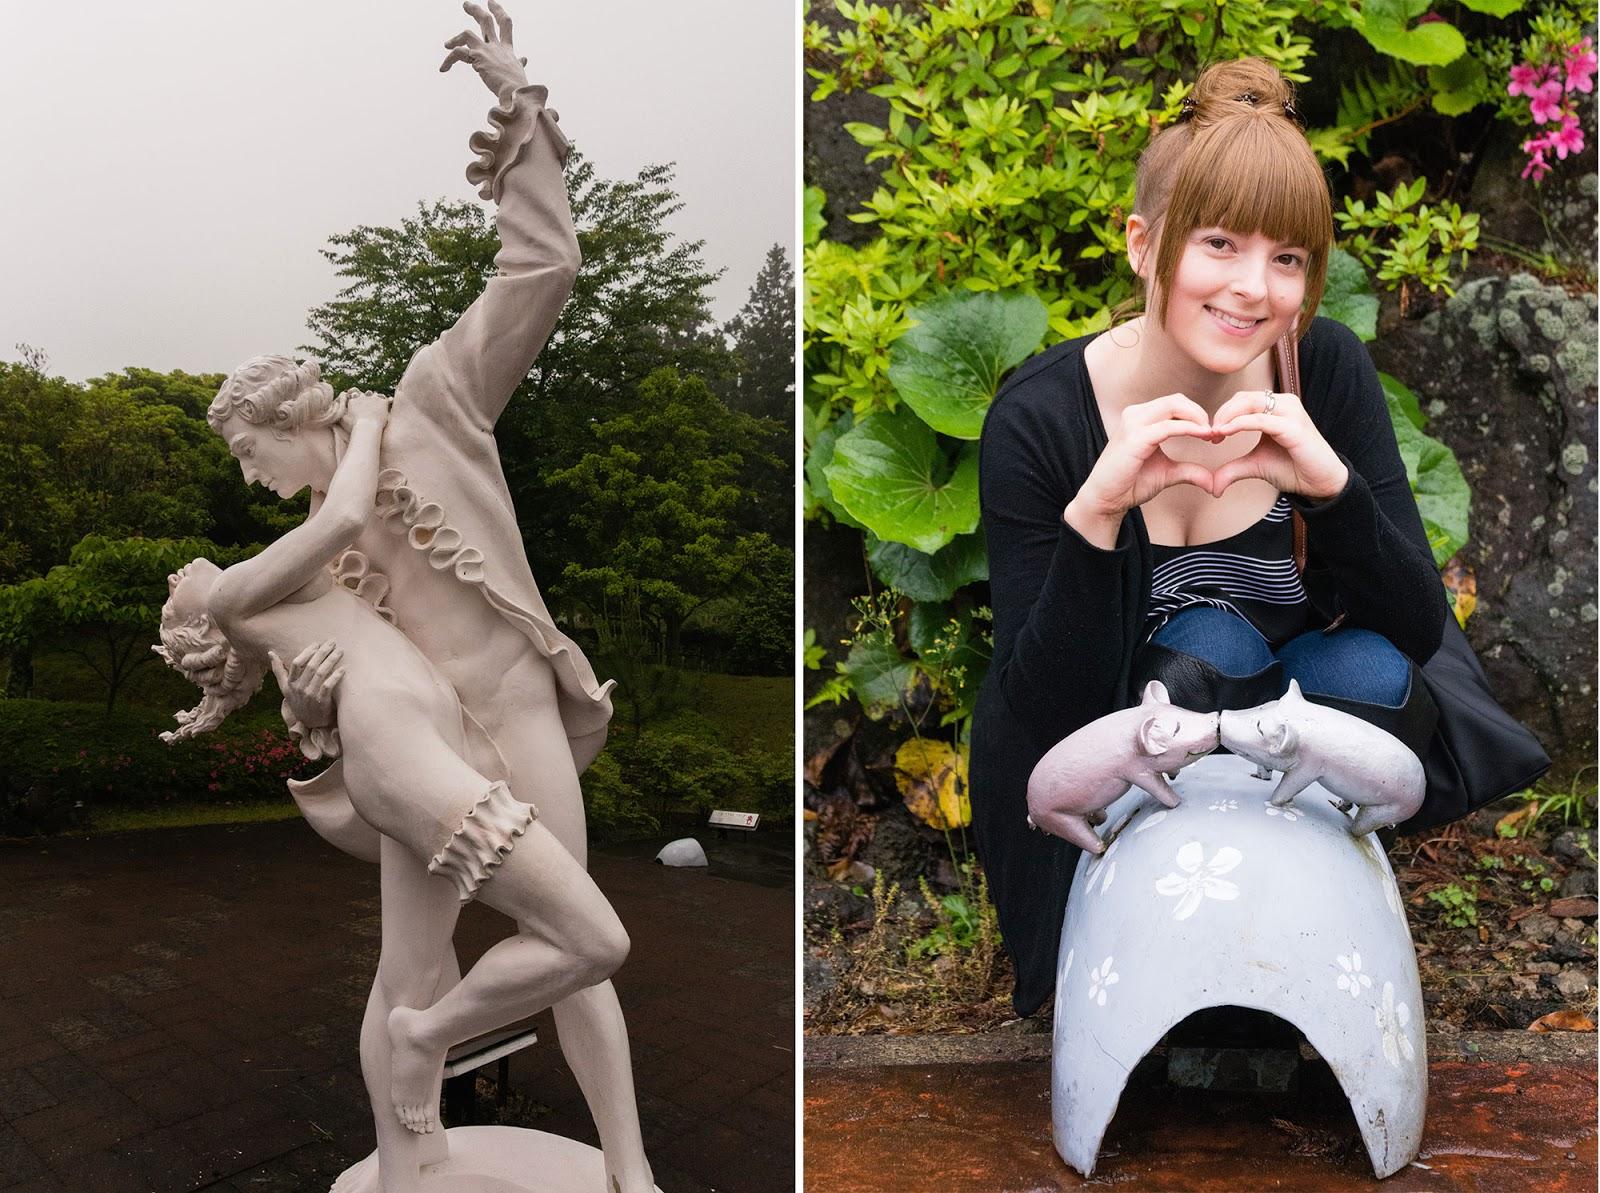 Любовь напоказ: 16 сексуальных фантазий, запечатленных в скульптуре